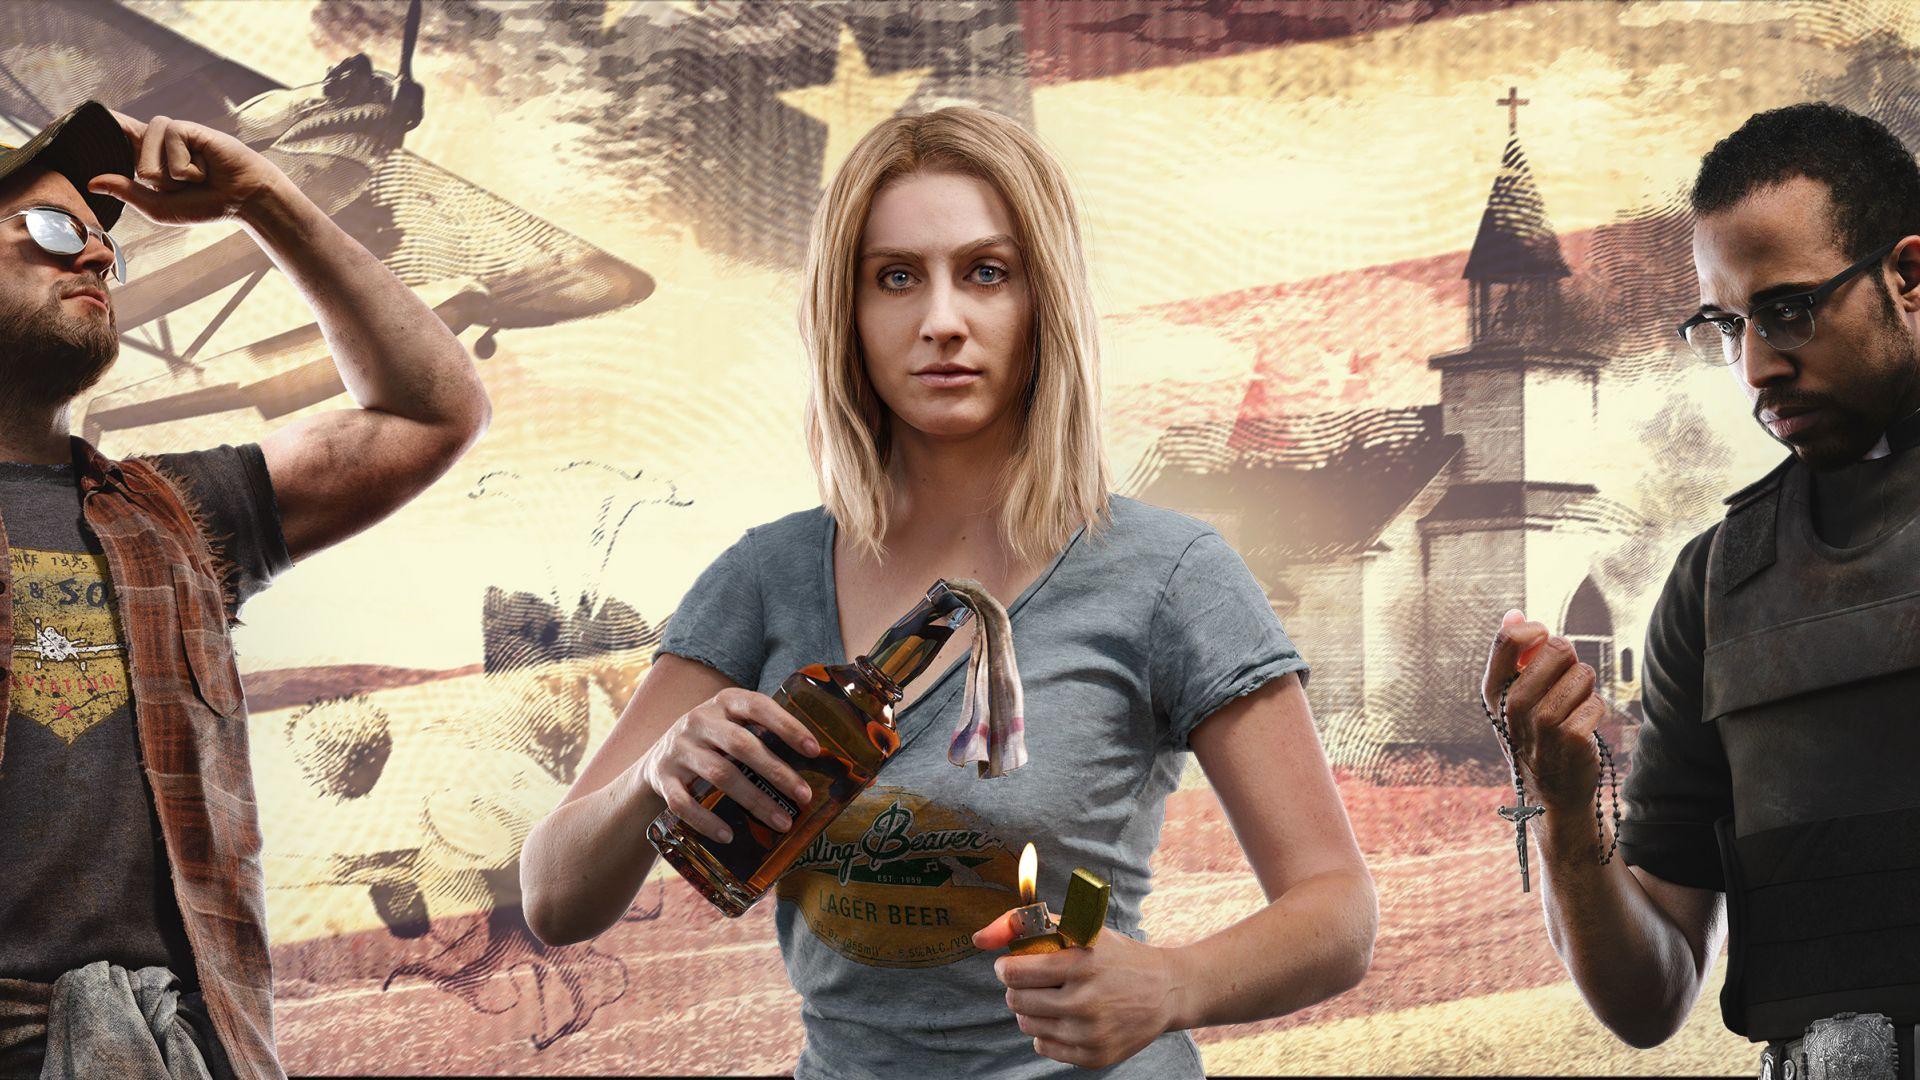 Wallpaper Far cry 5, widescreen, video game